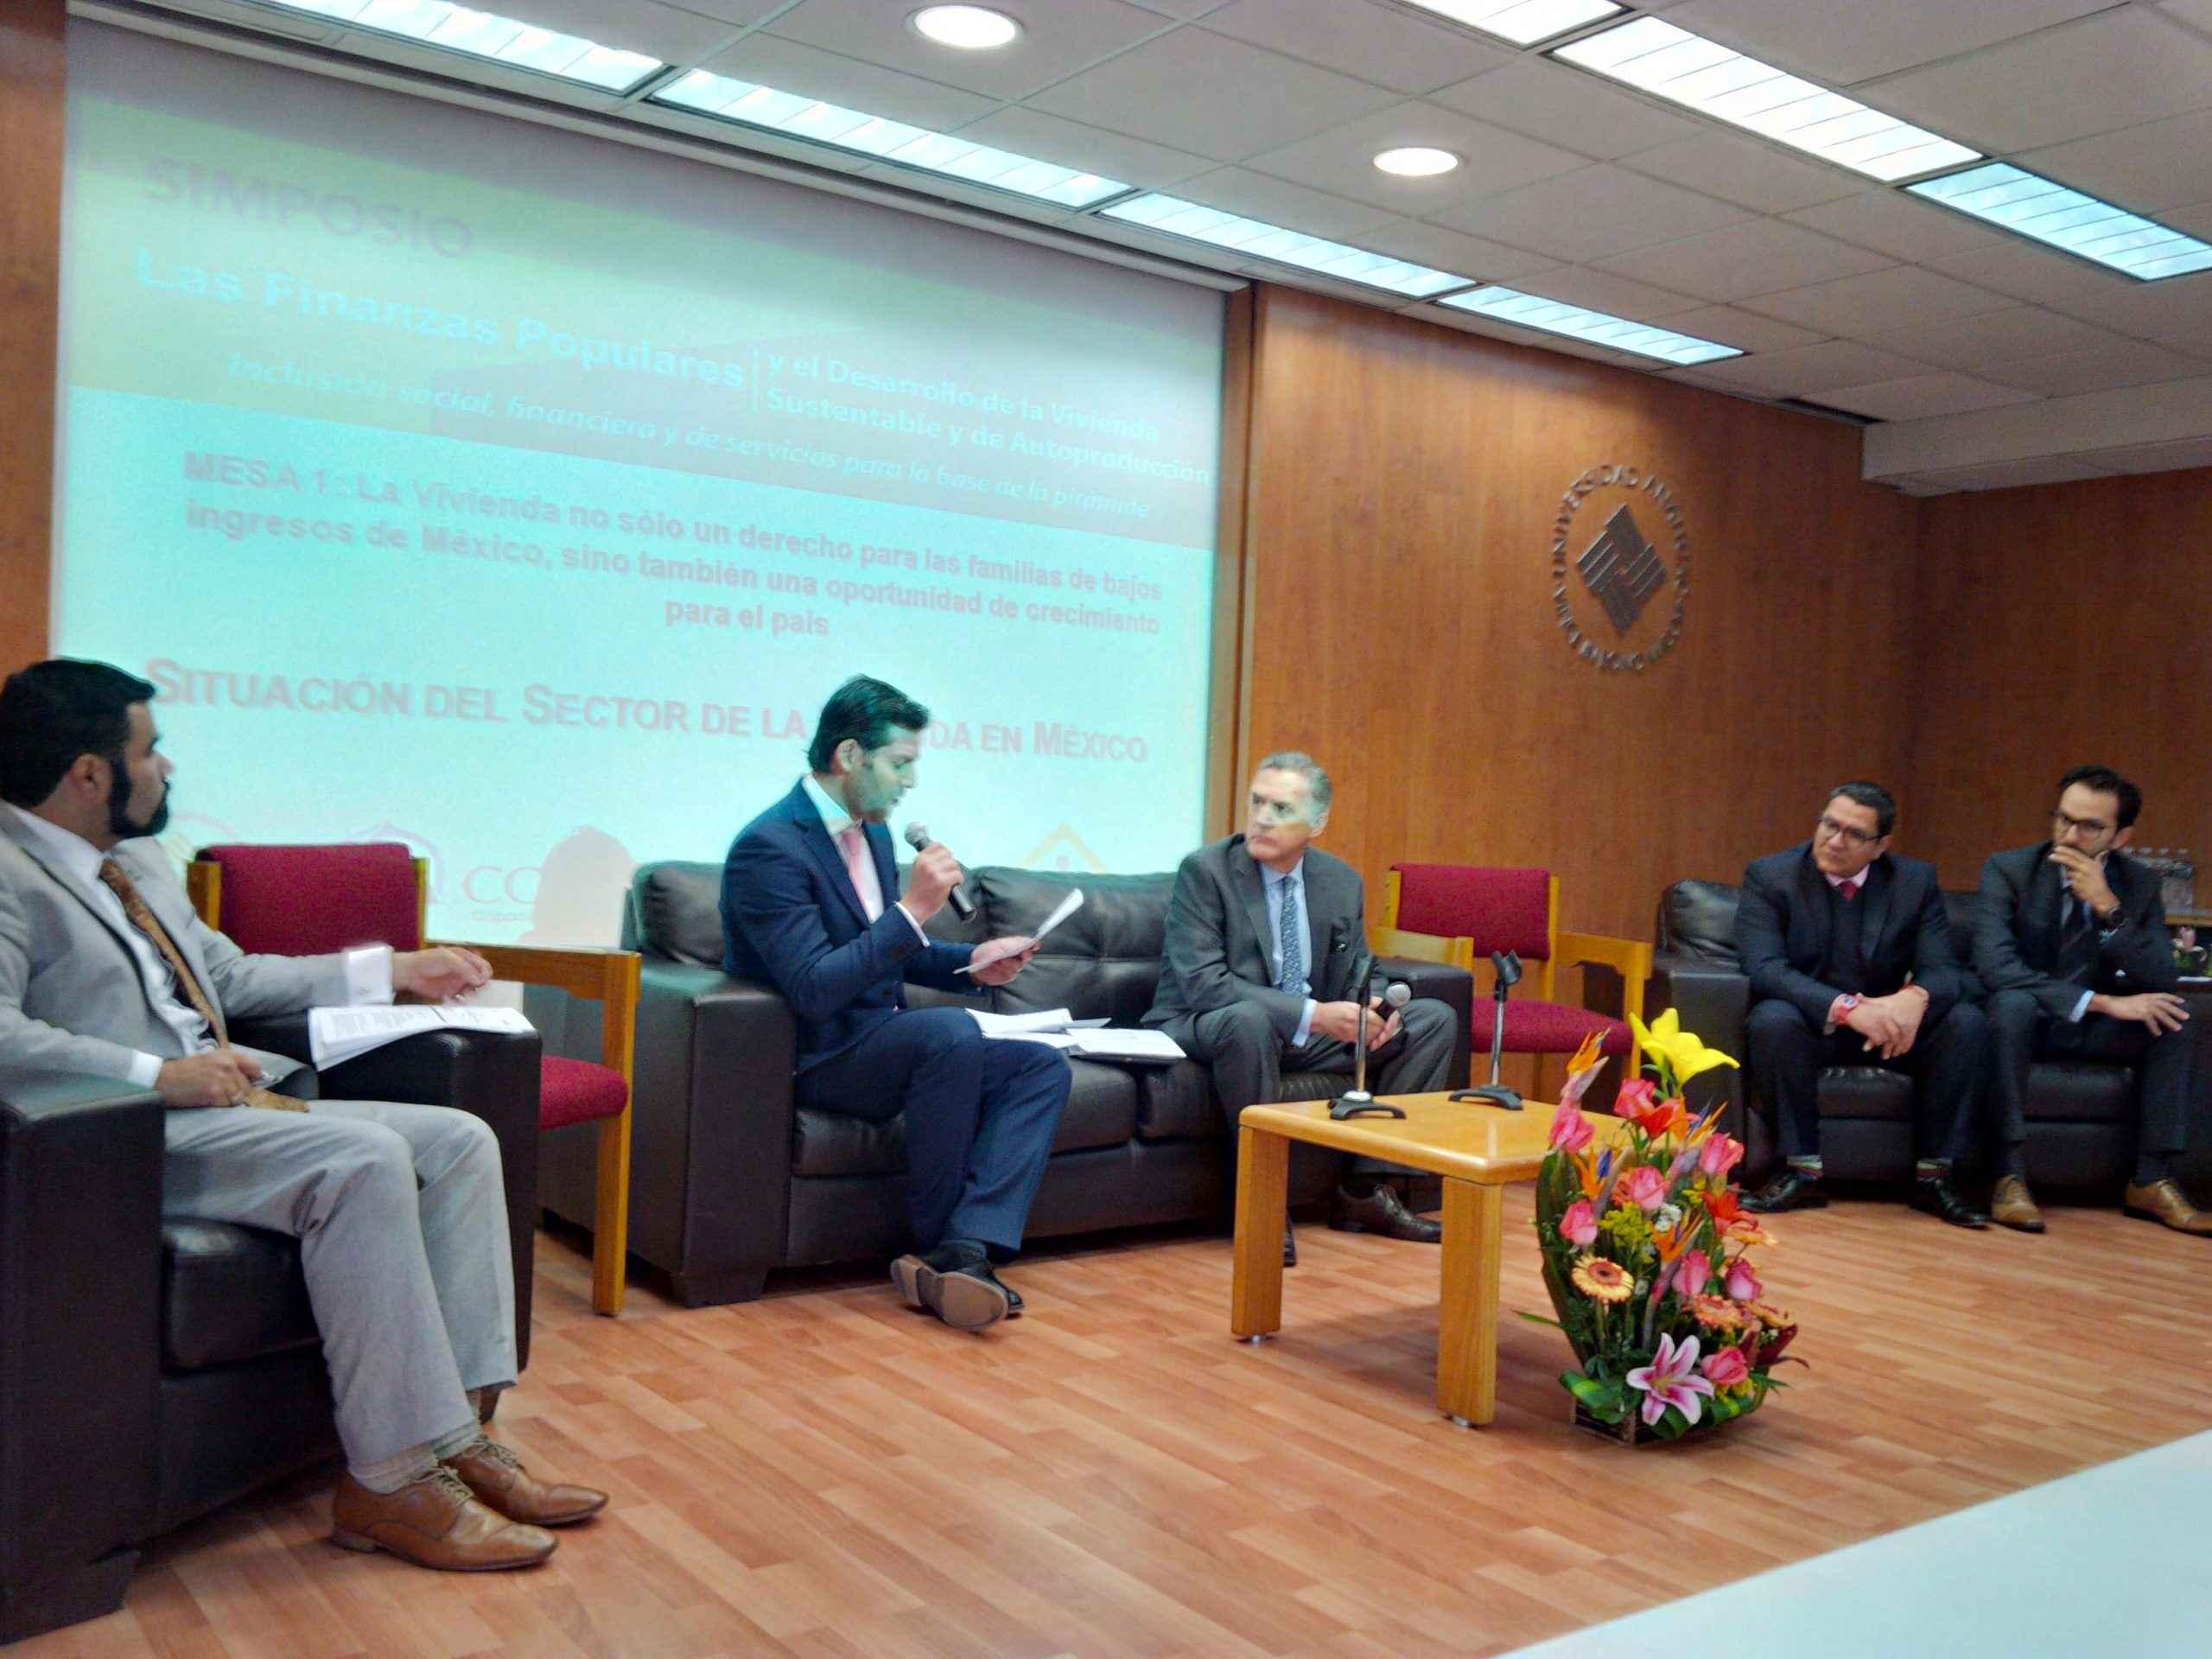 Realiza Convives simposio en Universidad Anáhuac